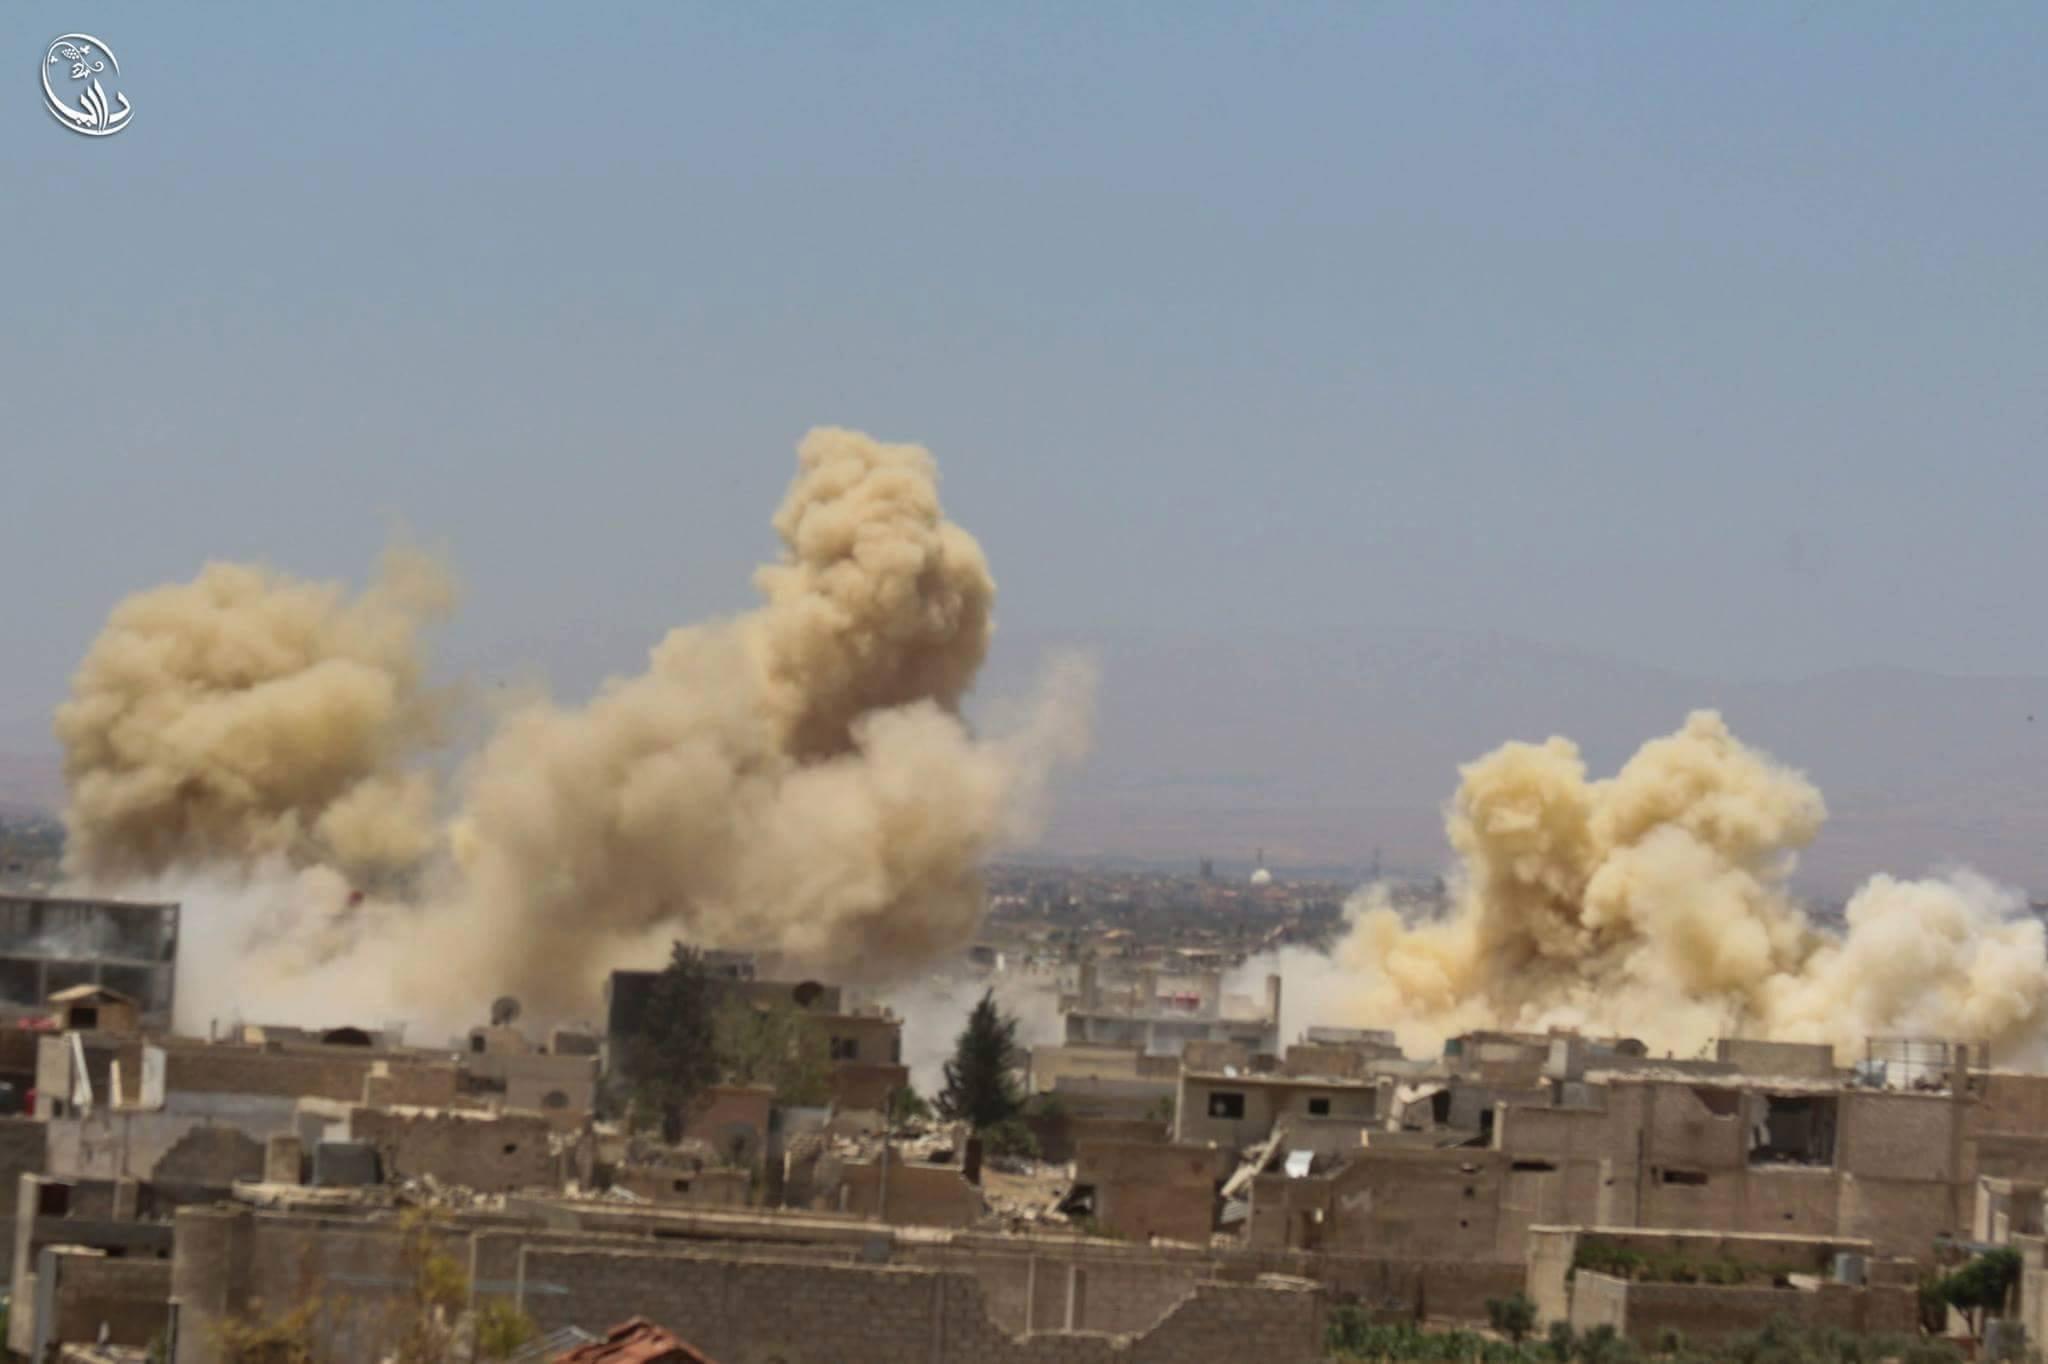 21 قتيلاً و327 جريحاً حصيلة ضحايا هجمة قوات الأسد على وادي بردى حتى الآن